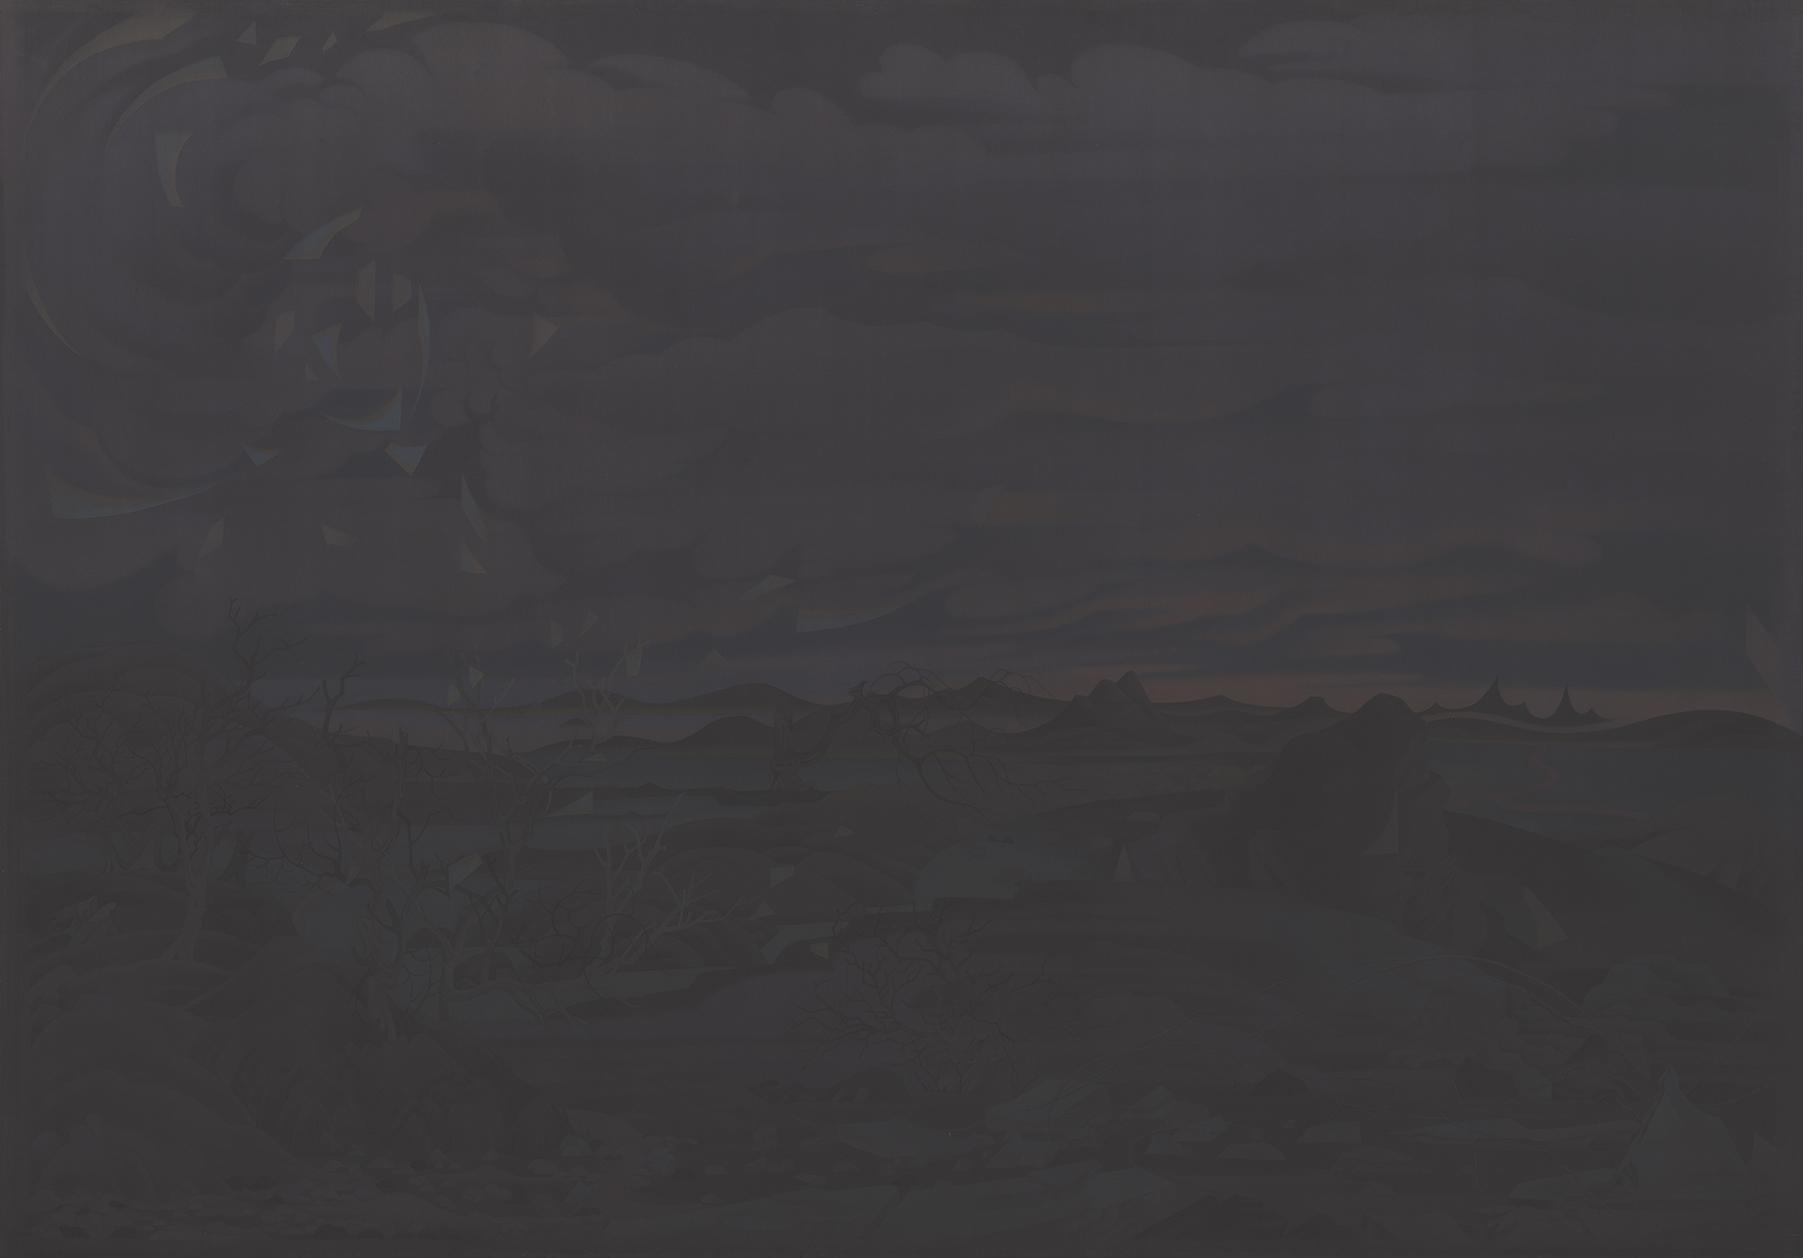 05.套數·秋思--牛羊野 ,Tao Shu - Autumn Thoughts I,絹本重彩, Ink and color on silk,216.6x152.6cm,2019-1